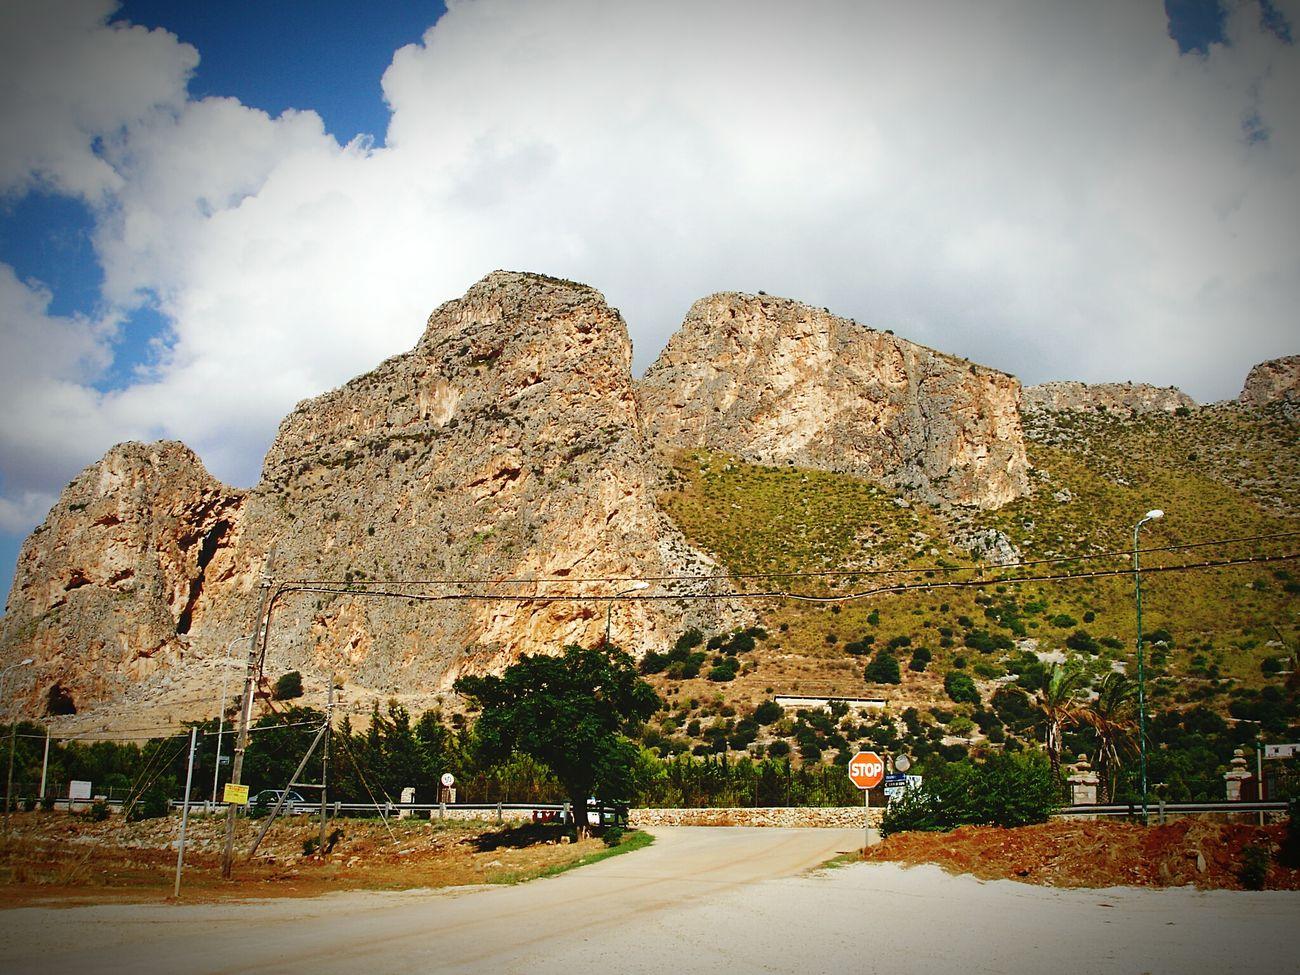 Sicily Landscape Sicily, Italy Sicily Sicilia Italia Italy Landscape Landscape_Collection Landscape_photography Paesaggio Mare Sea Traveling Travel Photography Viaggio Viaggiando